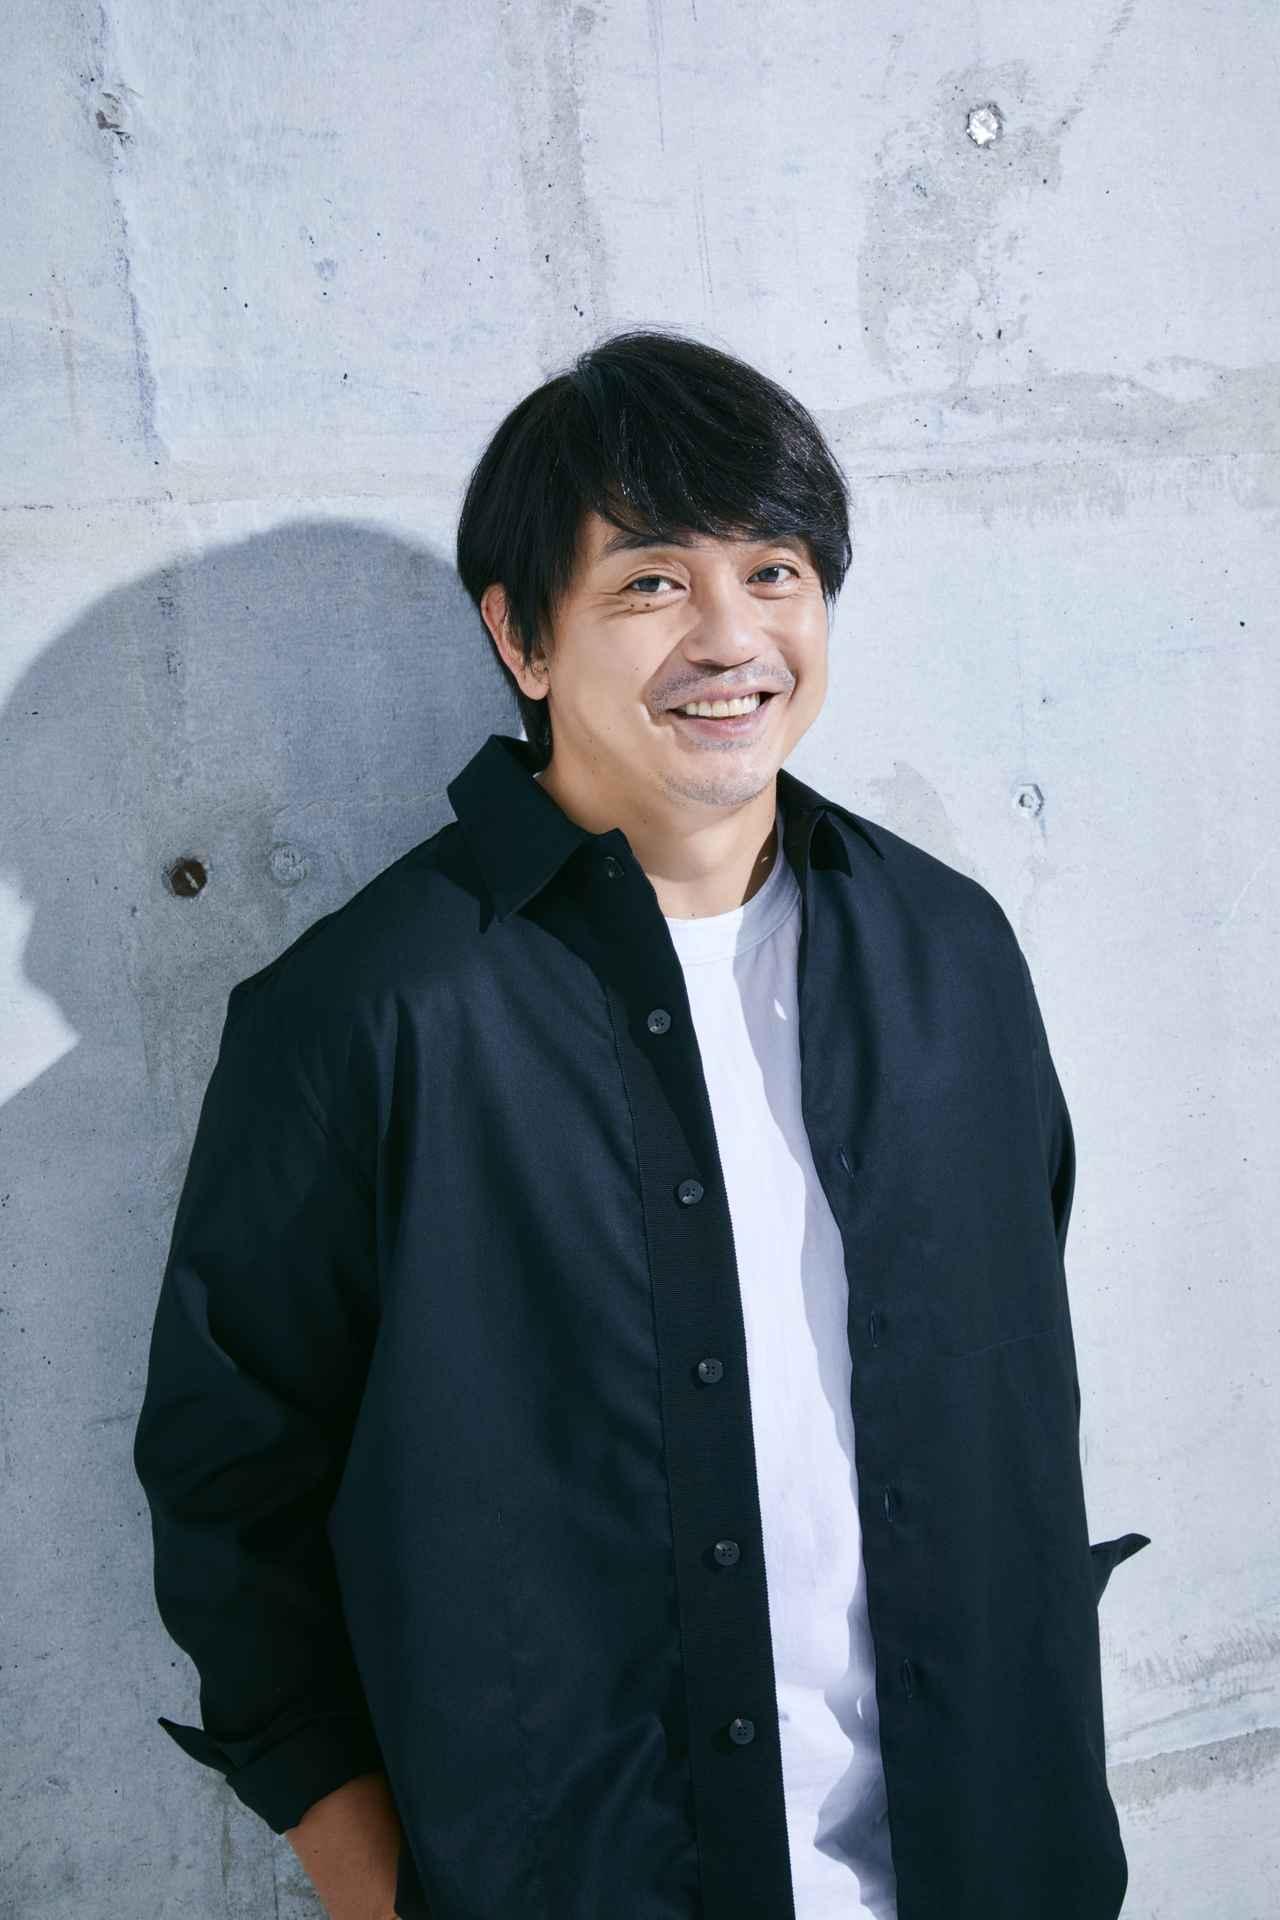 画像2: 劇団EXILE 青柳翔×町田啓太「JAM -the drama-」インタビュー